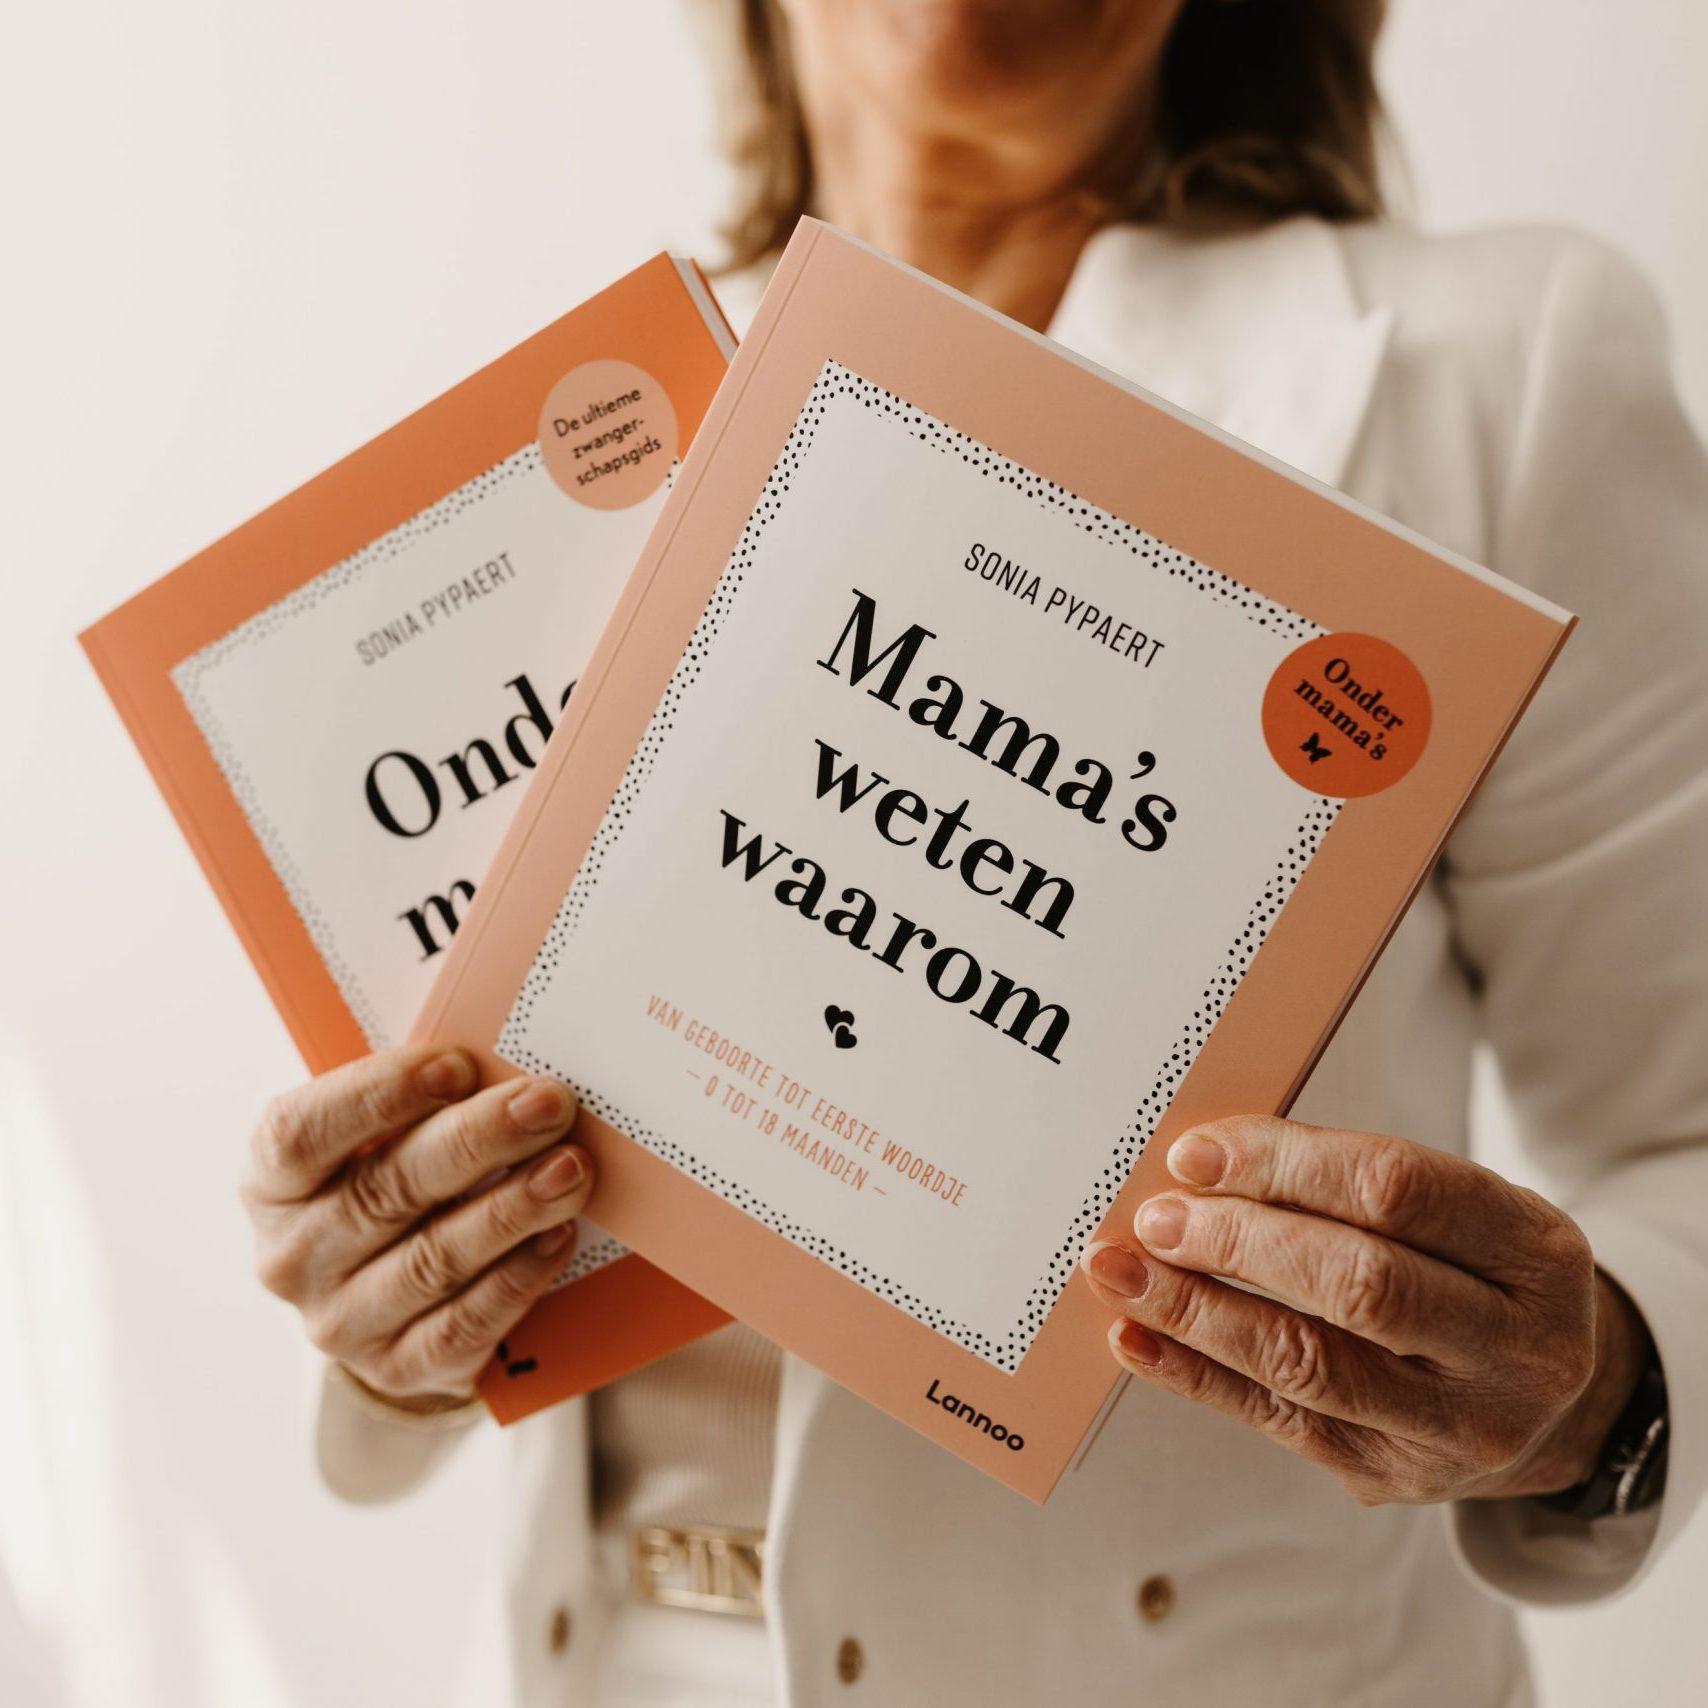 Boeken Onder mama's mama's weten waarom sonia pypaert zwangerschap baby